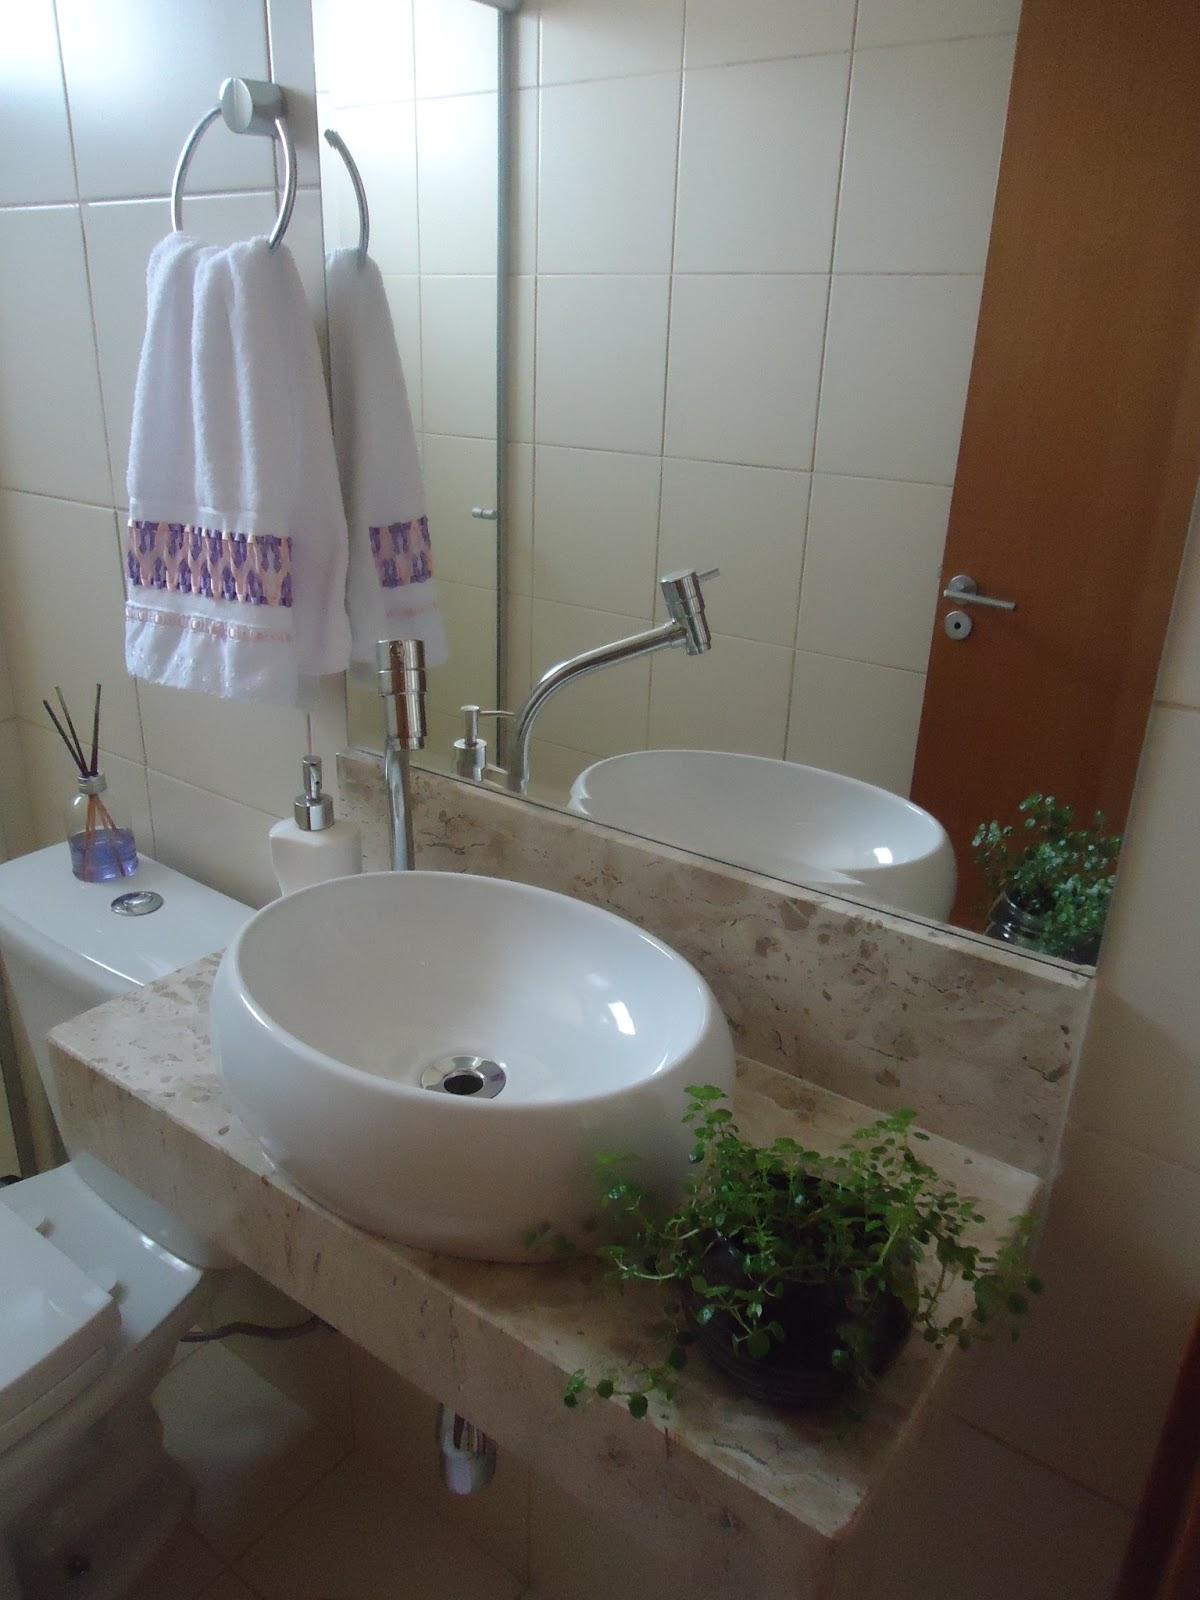 rodinha visto que facilita no momento de limpar. Também gostei da #5B4530 1200x1600 Armario Banheiro Rodinha